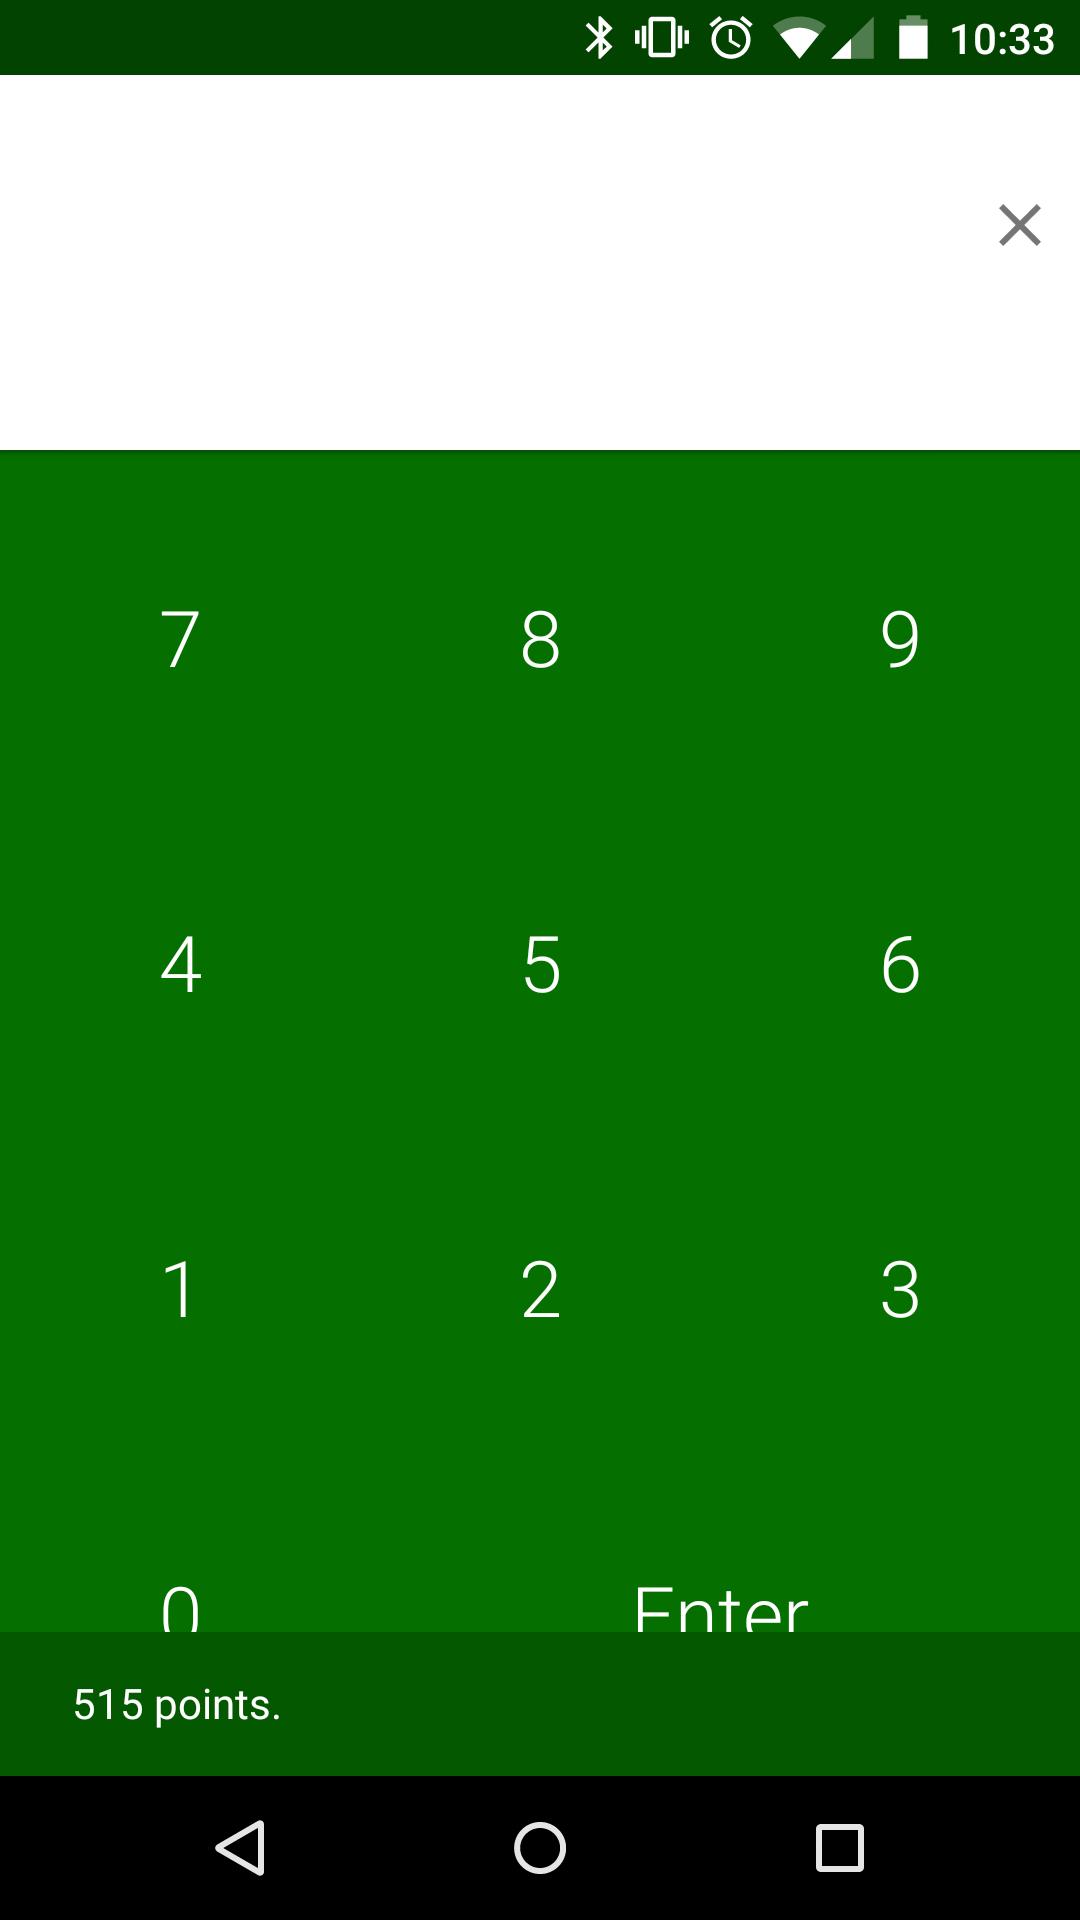 Télécharger Ods 6 Scrabble Gratuit - Marinaaltaemprende tout Jeux Anagramme Gratuit A Telecharger